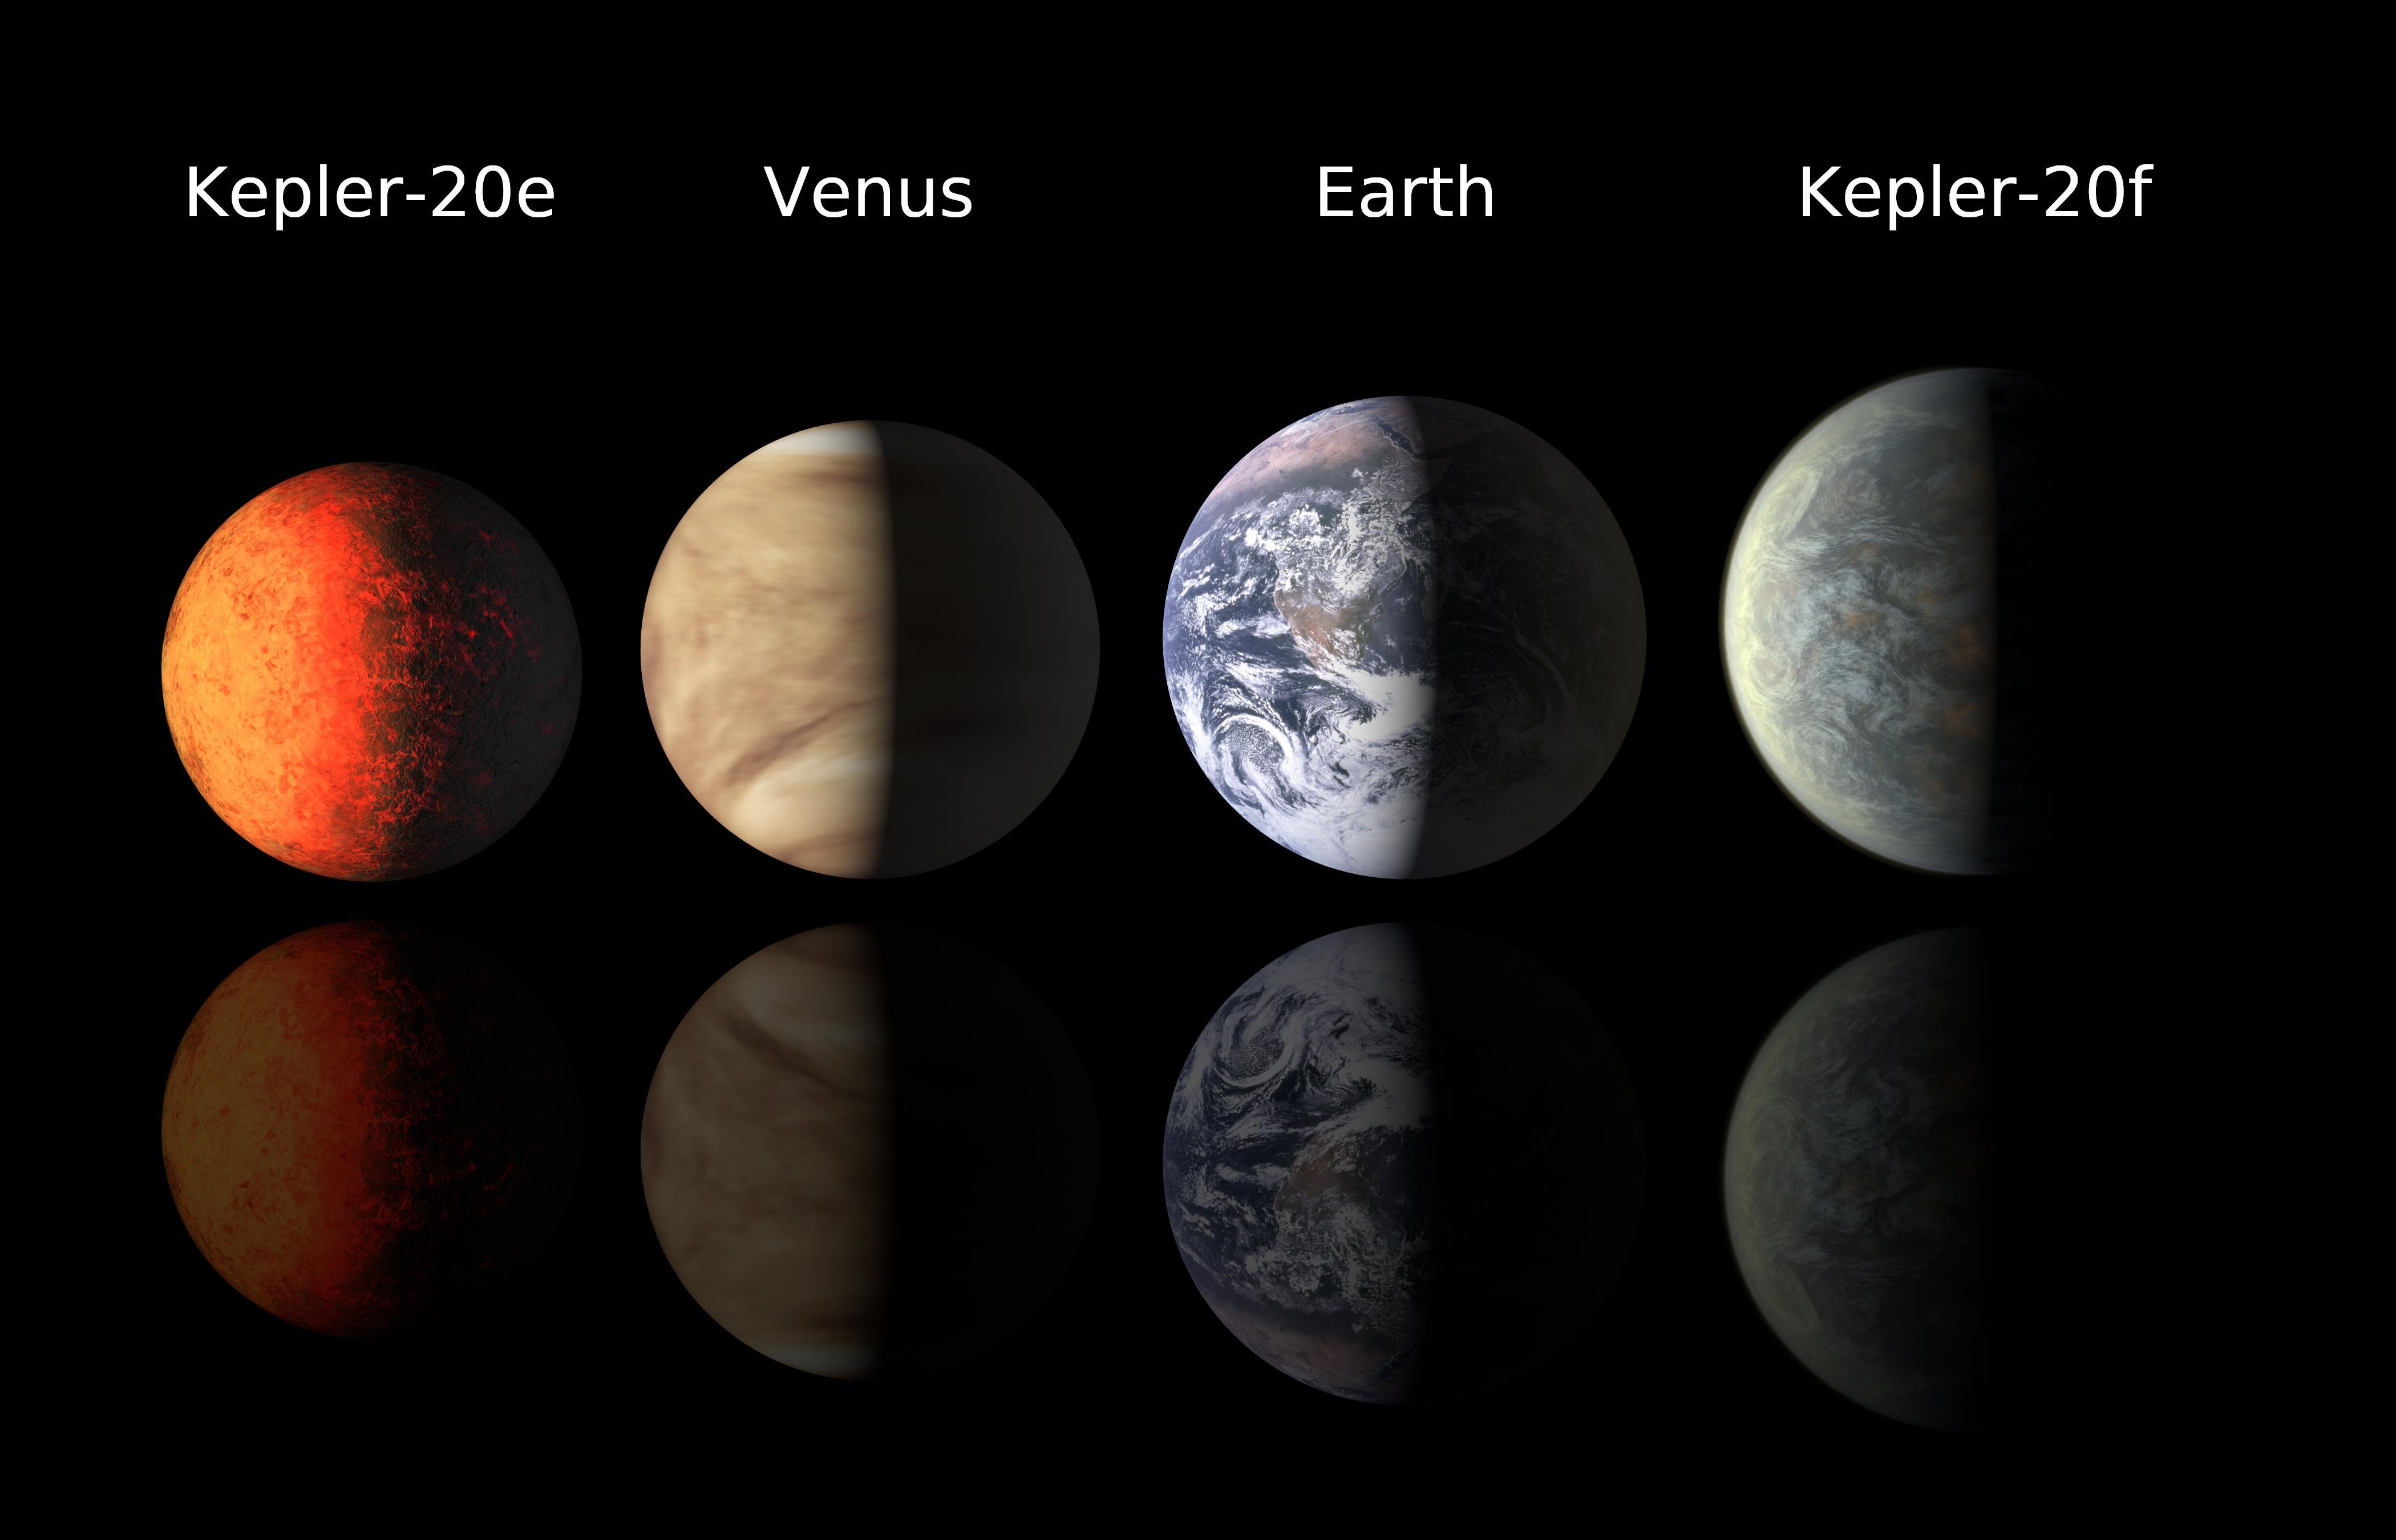 Polymath at Large: Kepler keeps amazing